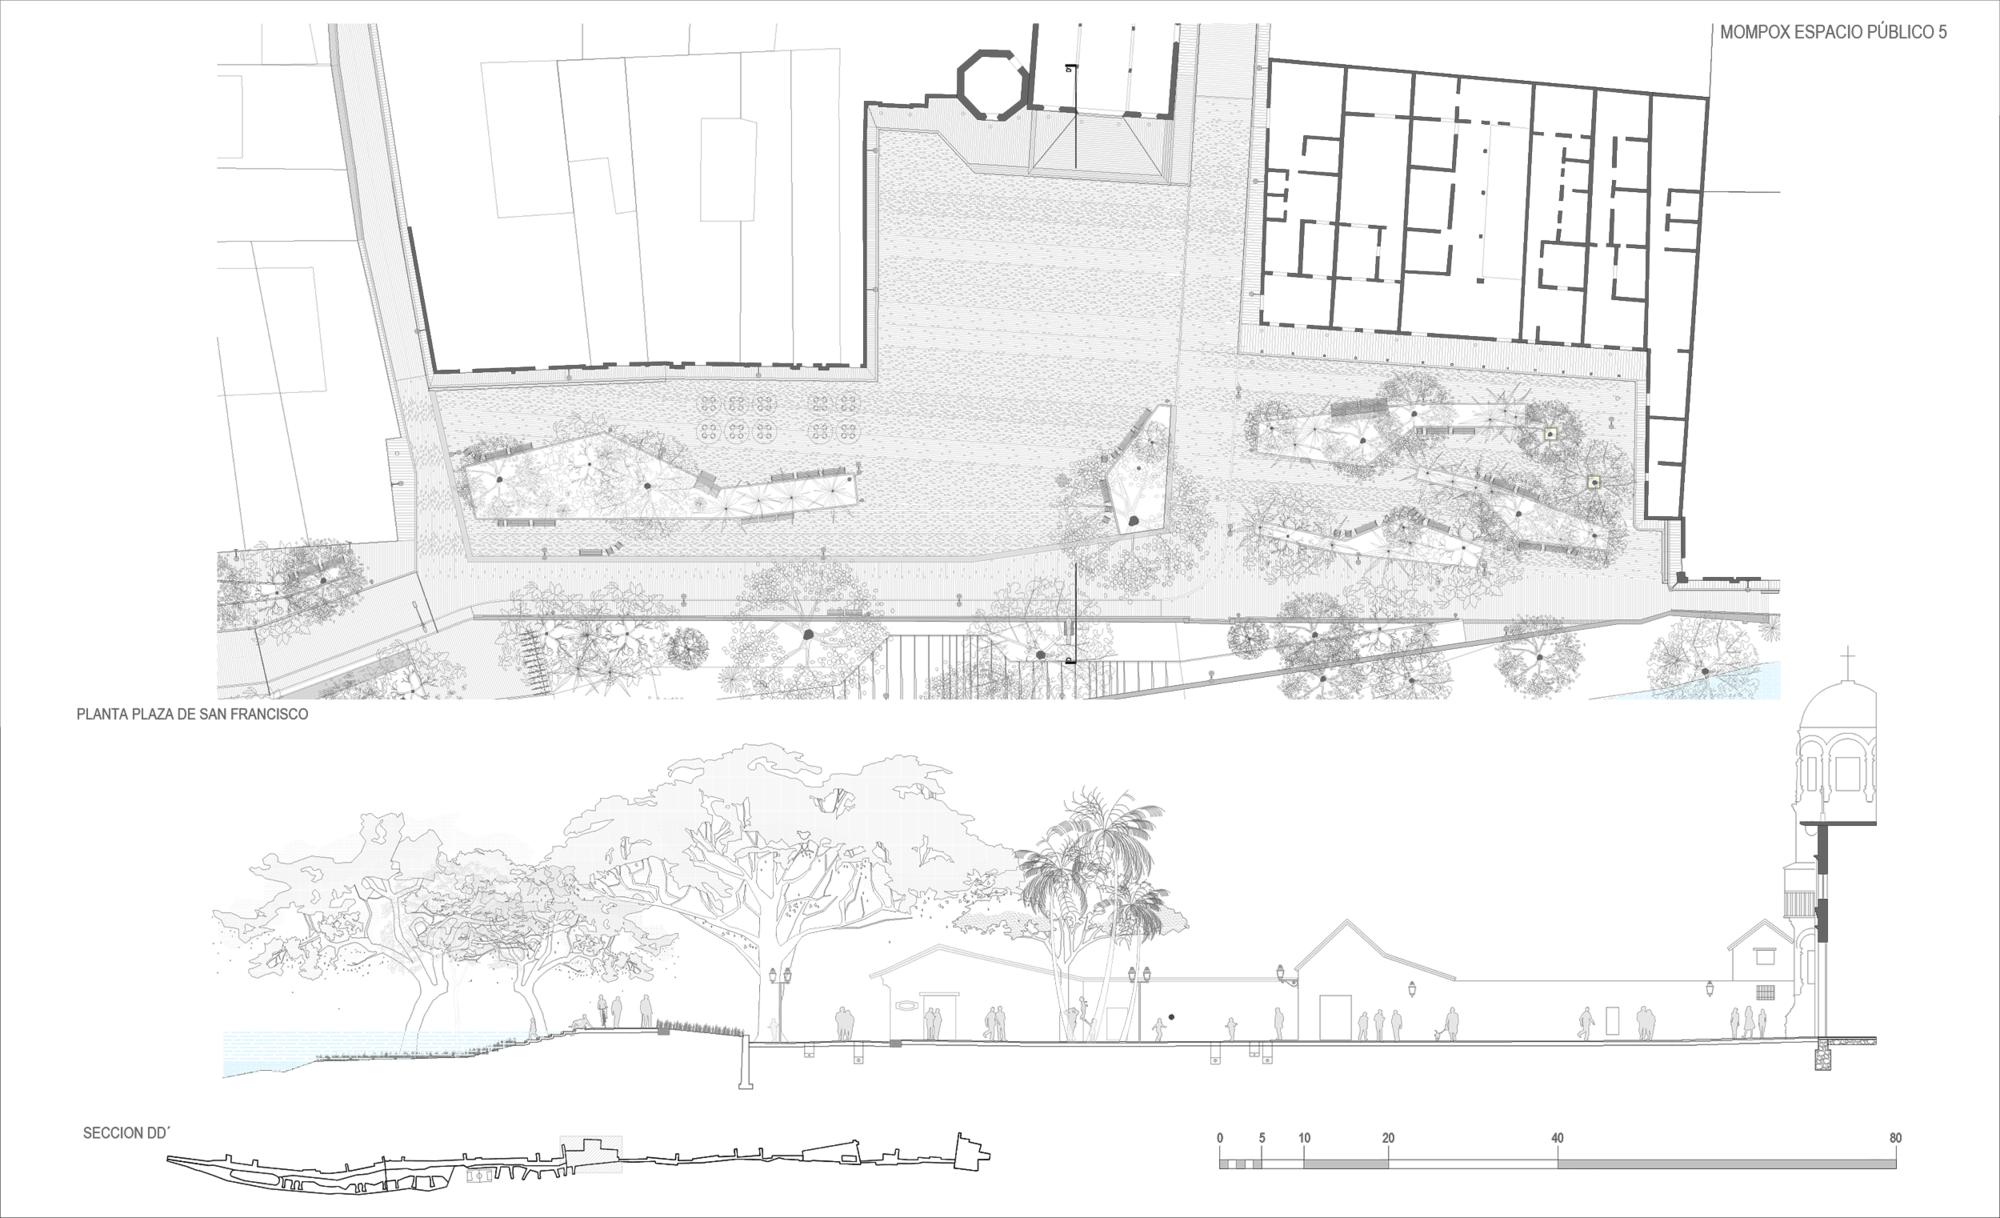 Planta Plaza de San Francisco / Sección